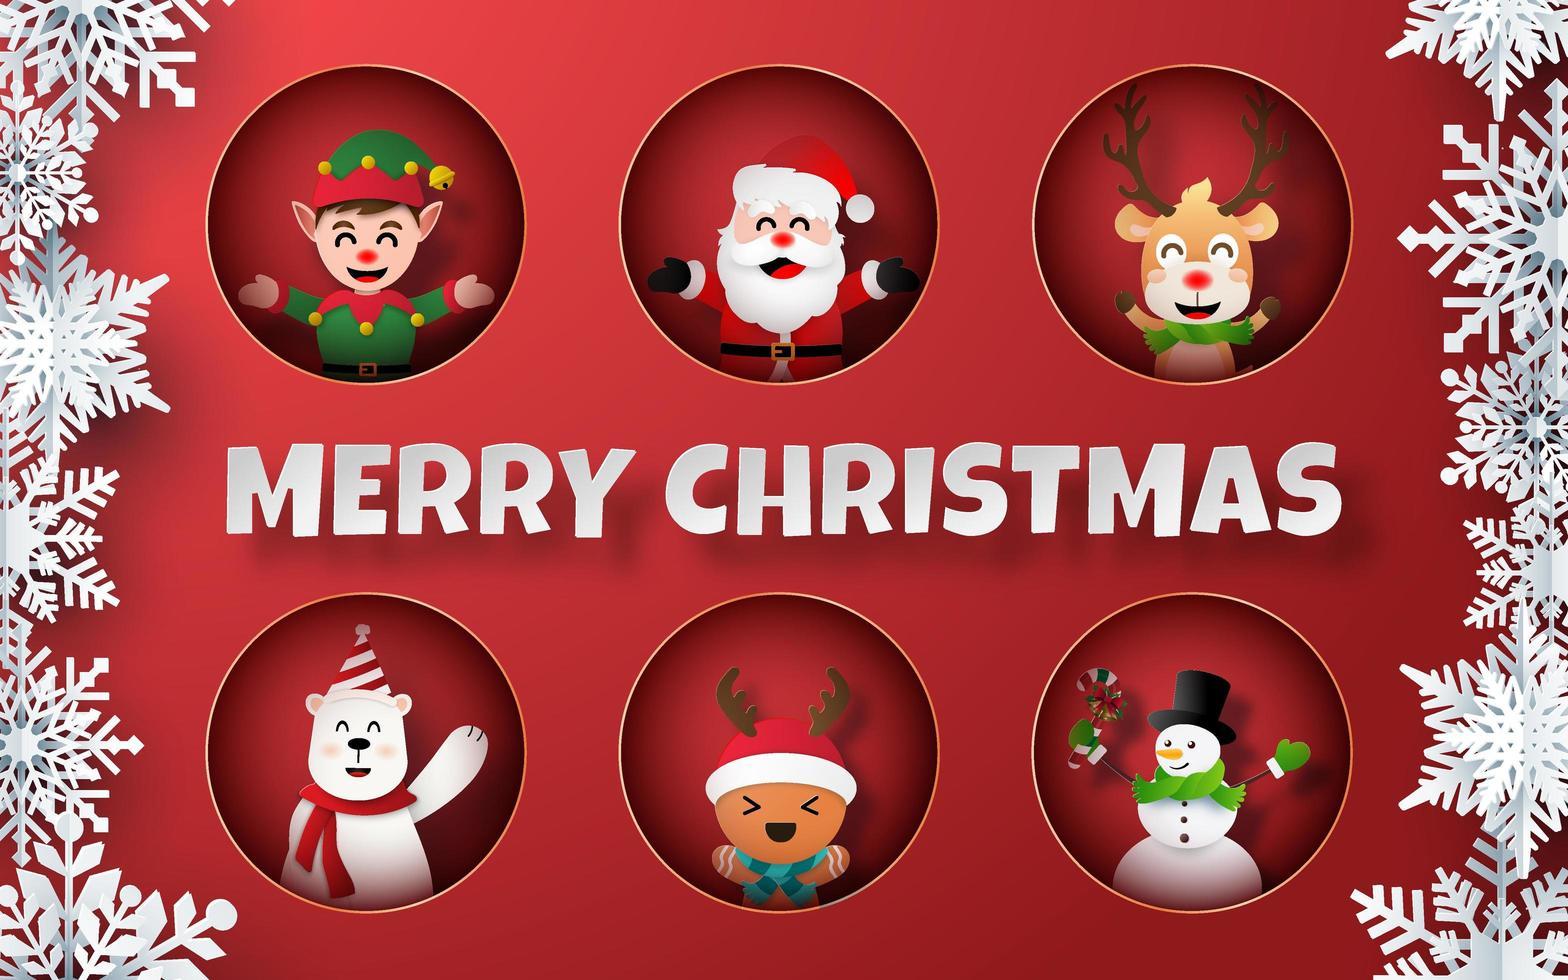 Papierkunst der Sammlung von Weihnachtsfiguren vektor